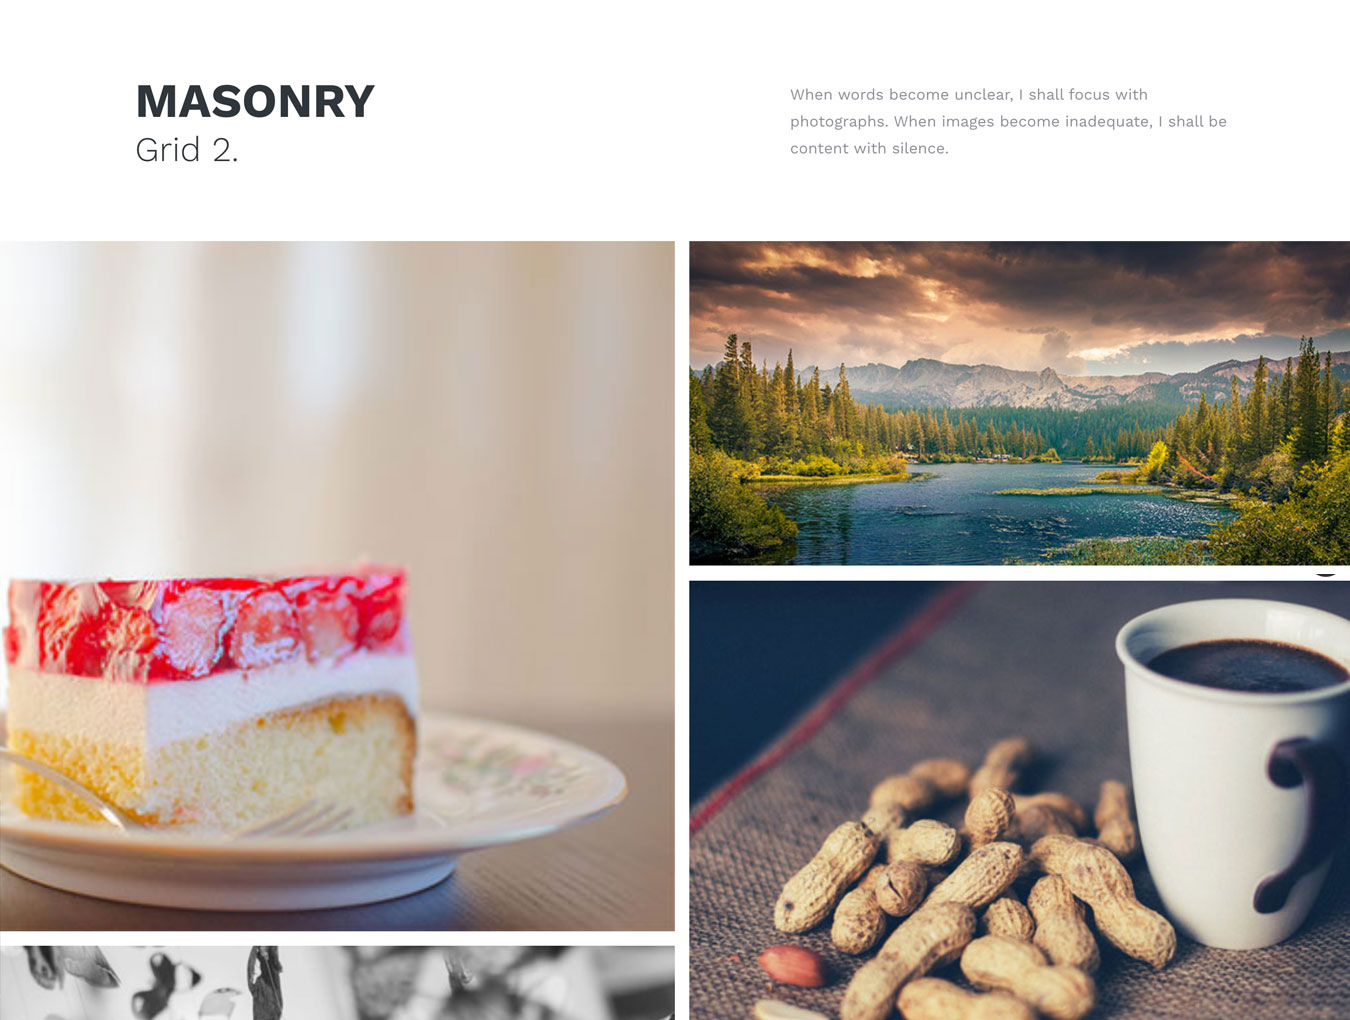 简约规整的WordPress主题摄影博客网站模板 PacificBlue Portfolio WP插图(1)